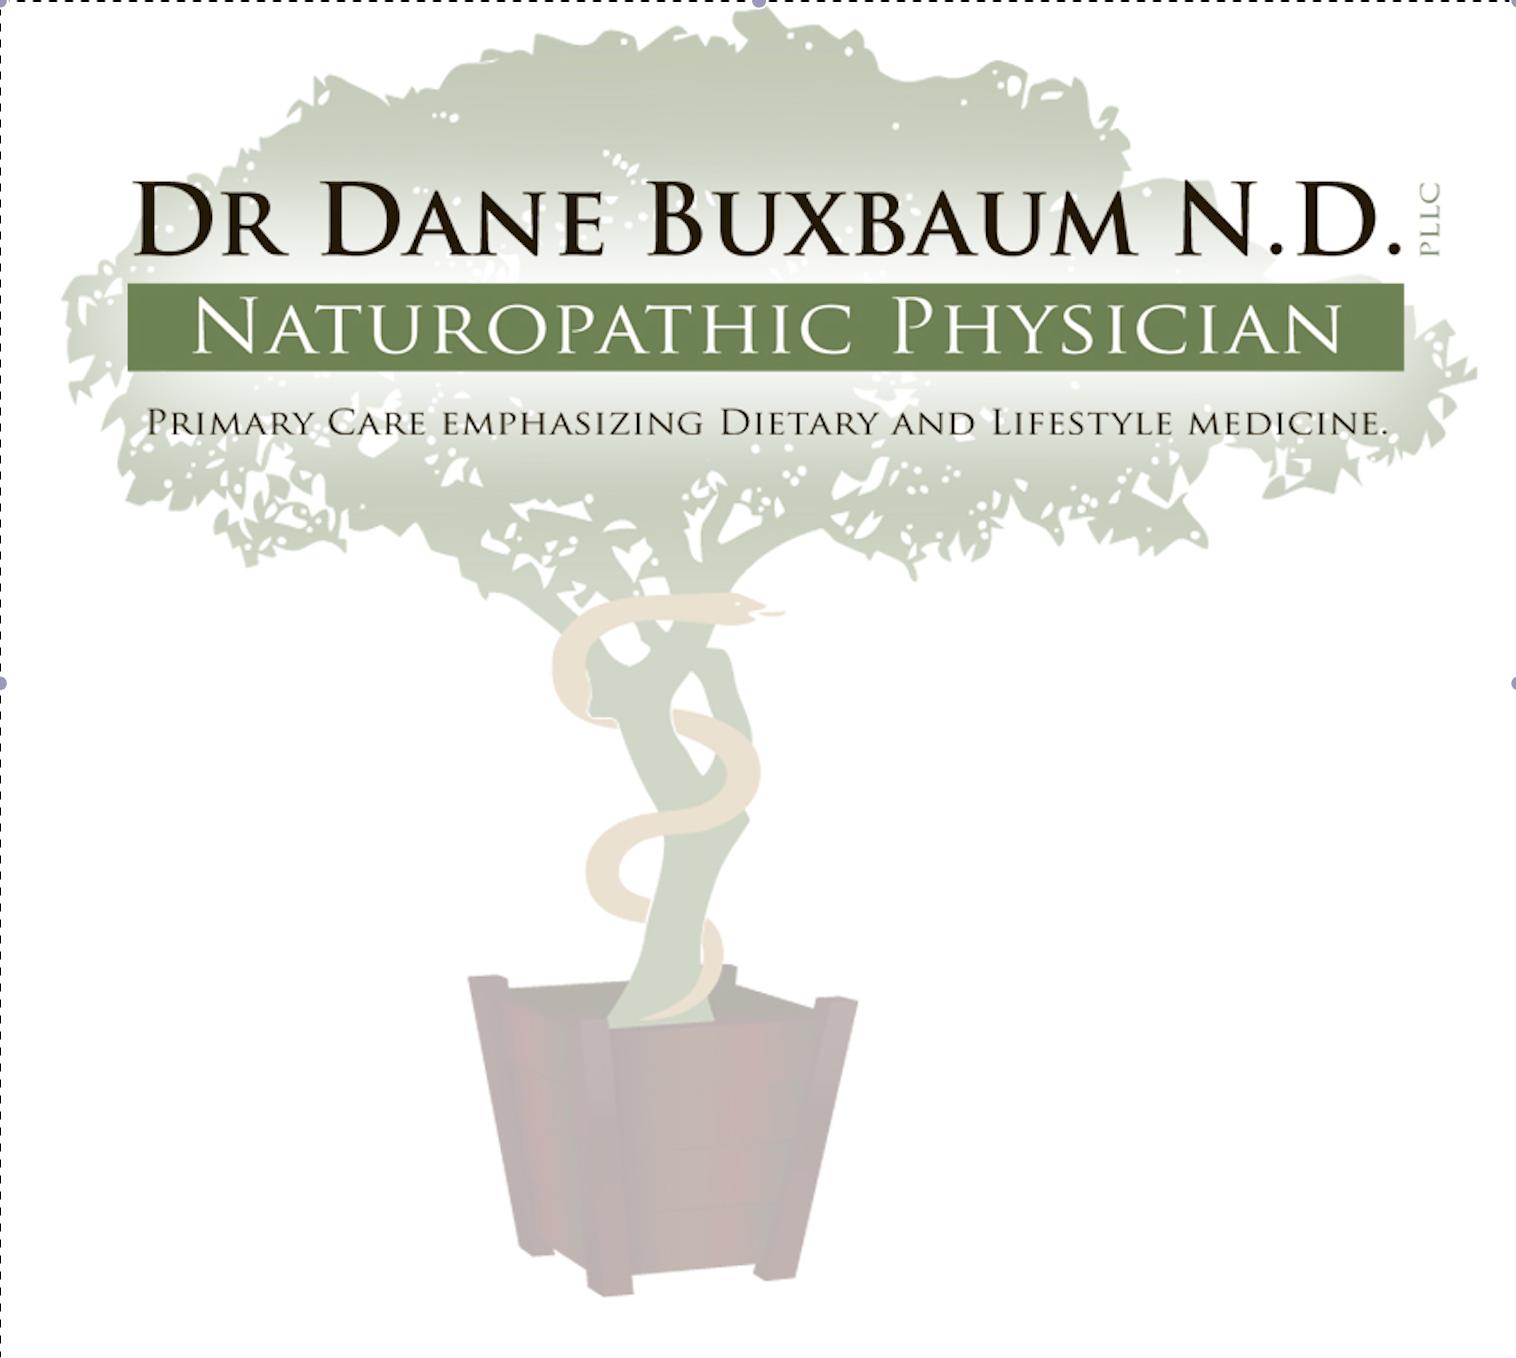 Dr. Dane Buxbaum, ND